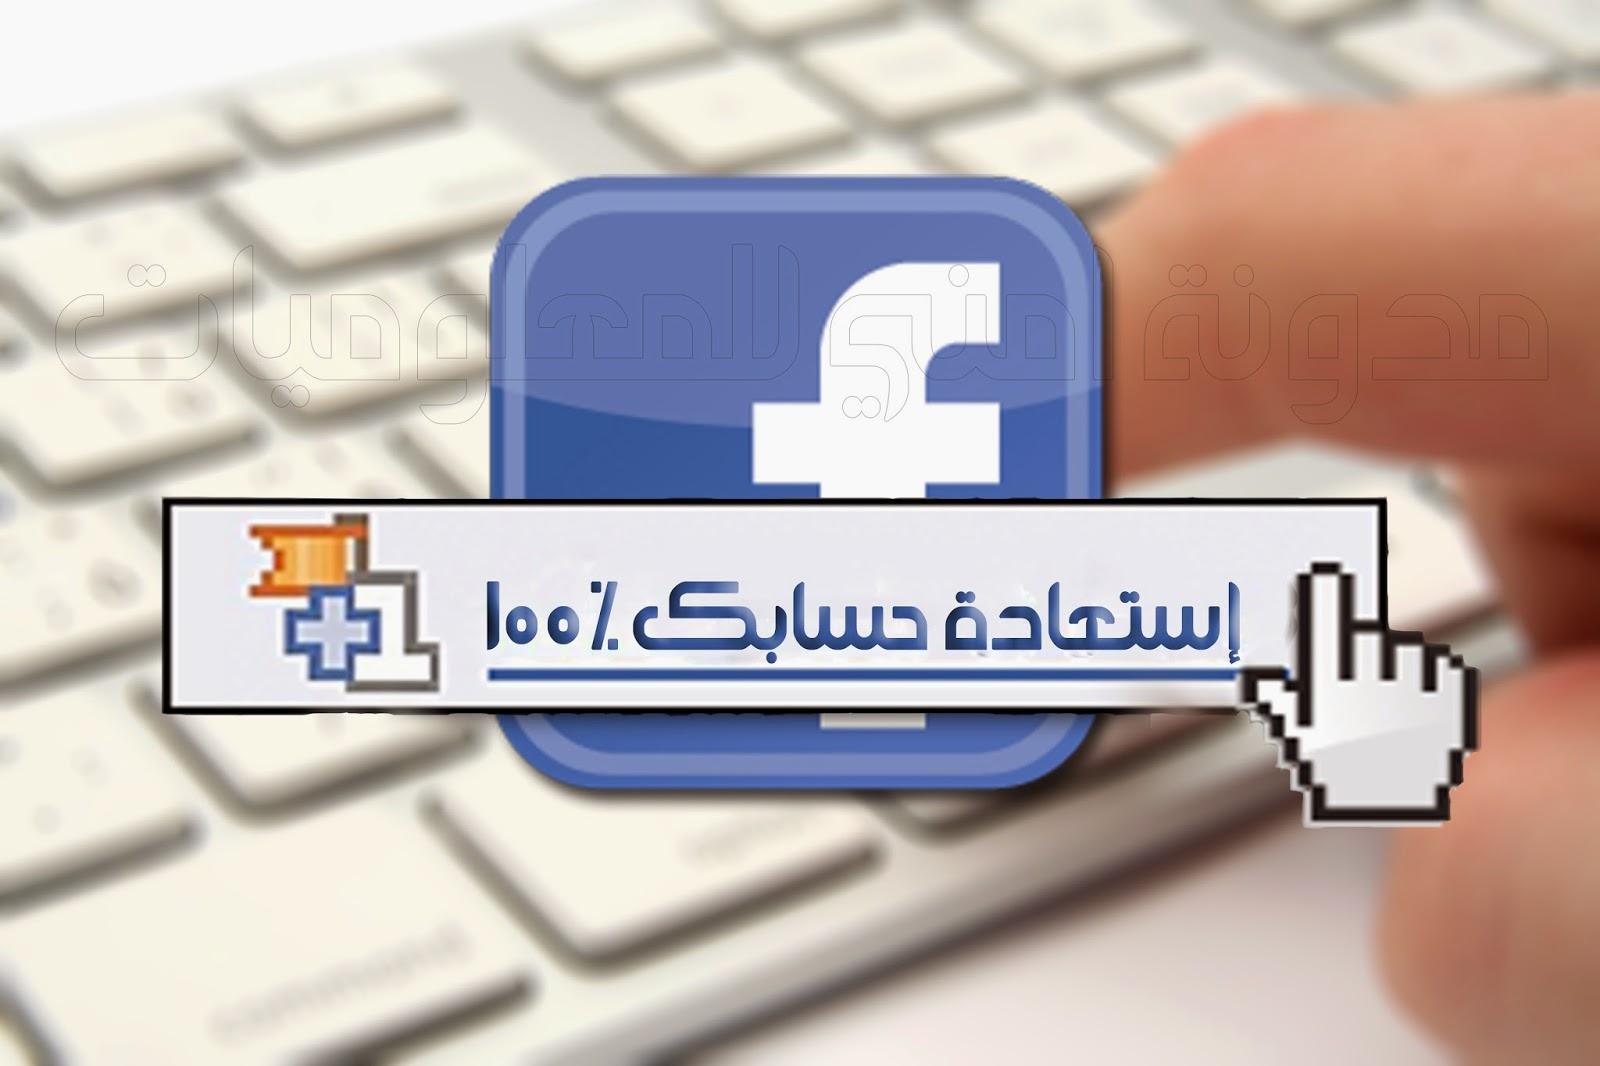 كيفية استرجاع حساب الفيس بوك مهكور او معطل او مسروق في دقيقة